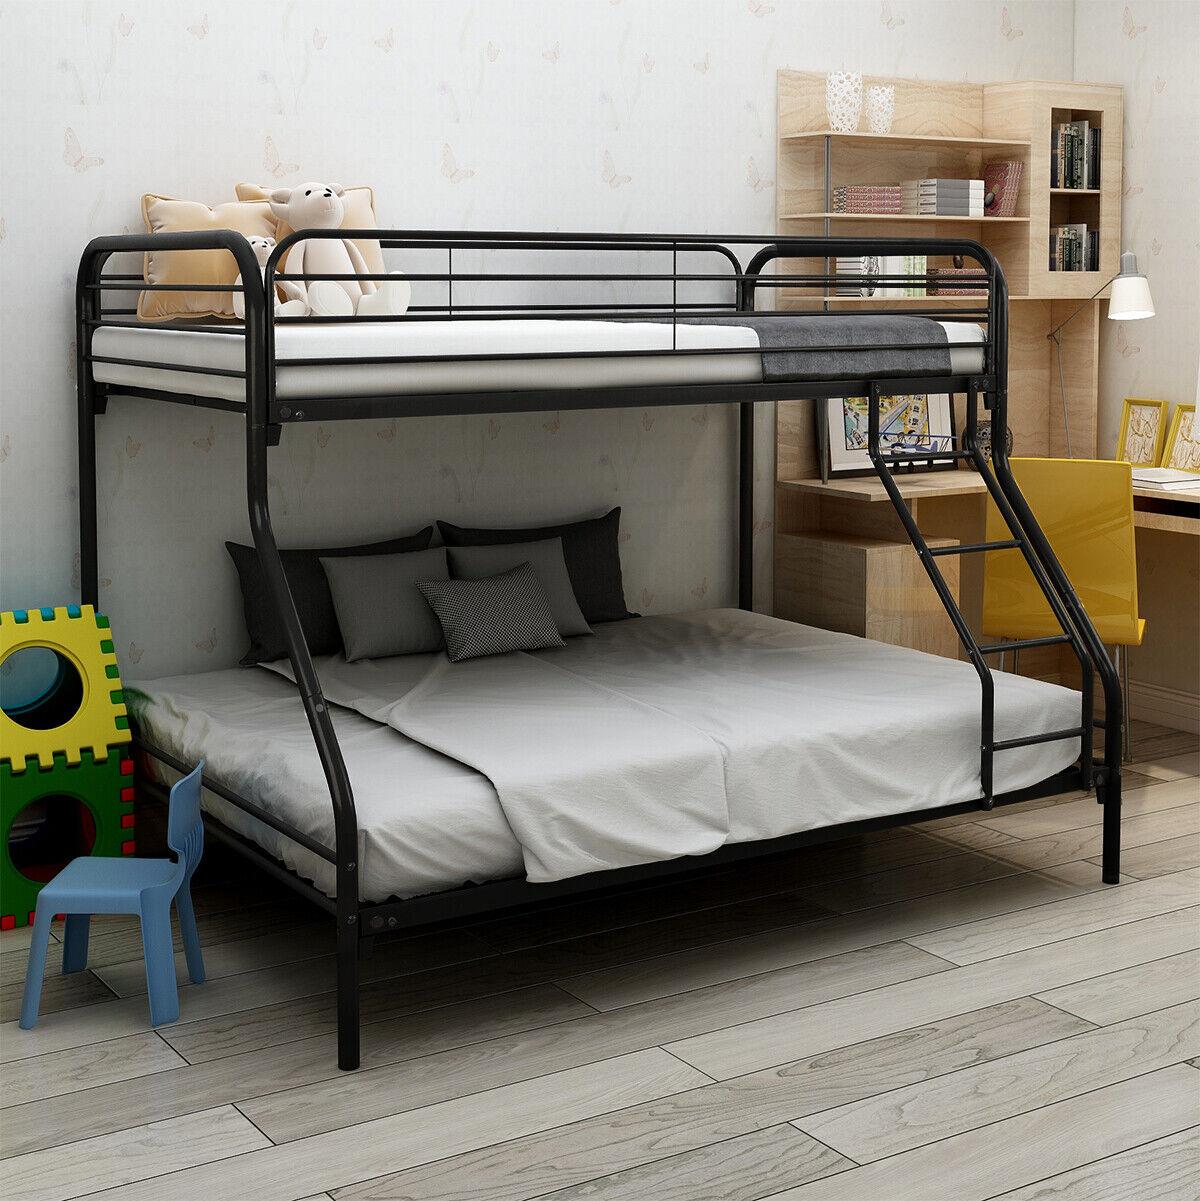 Bunk Beds Full Over Full Size Kids Girls Boys Adults Bedroom Furniture Bed Black For Sale Online Ebay